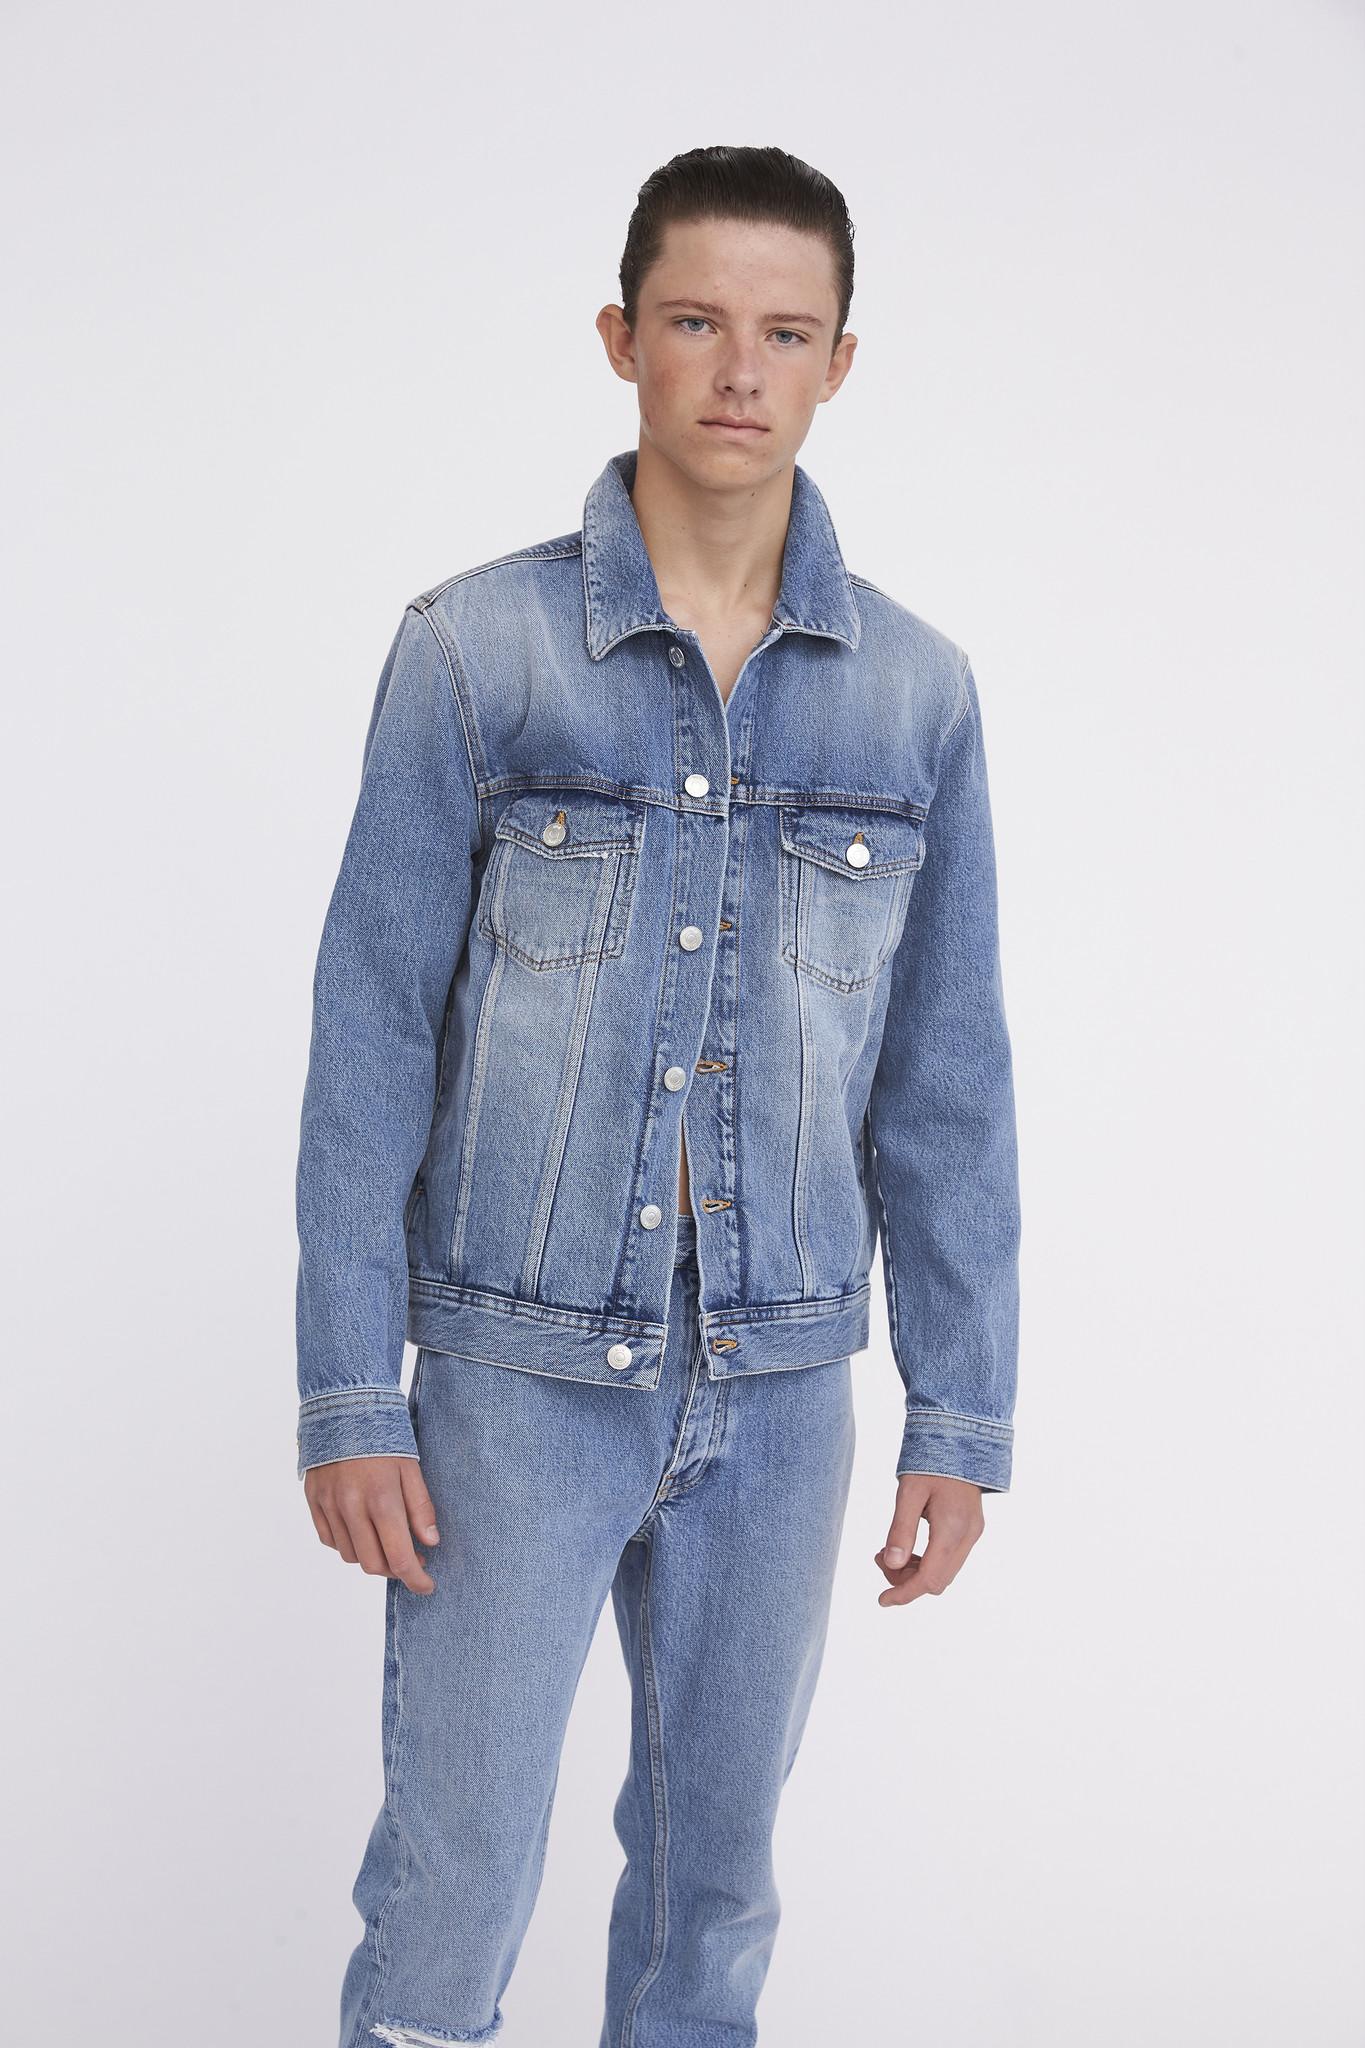 Vinny Denim Jacket - Wash 4-1